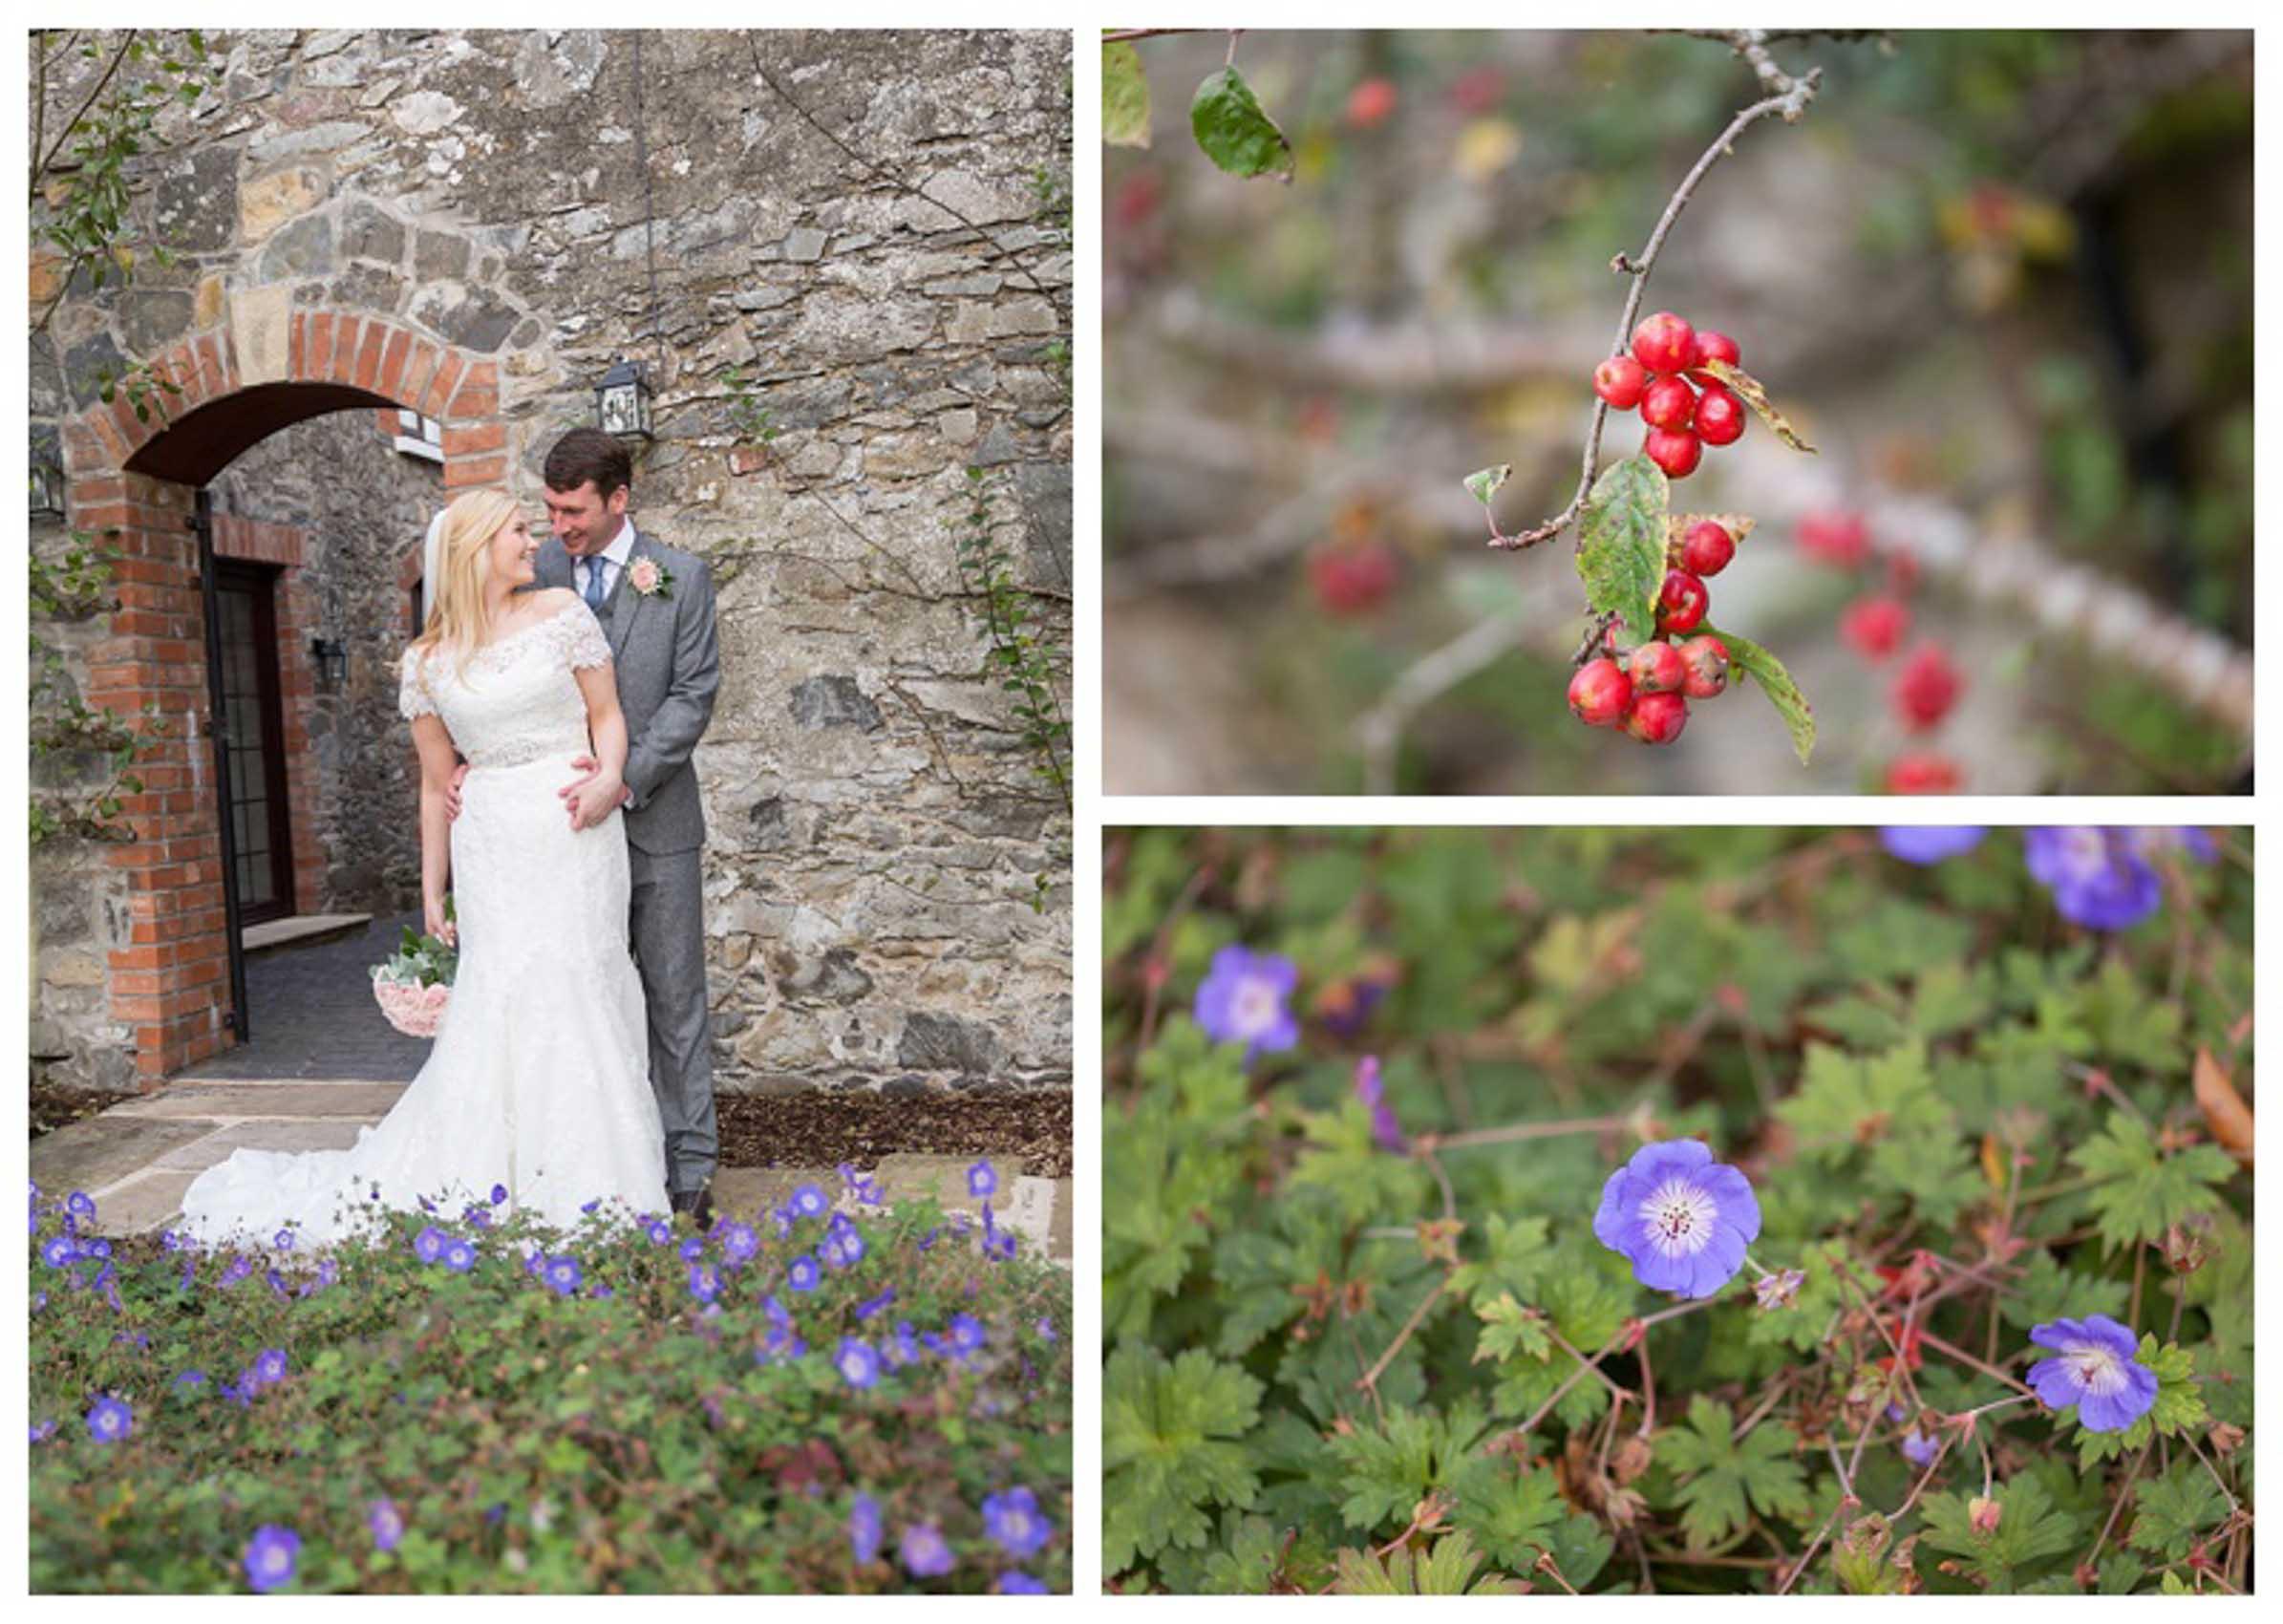 Larchfield Estate Wedding Photography by Ricky Parker Photography 54